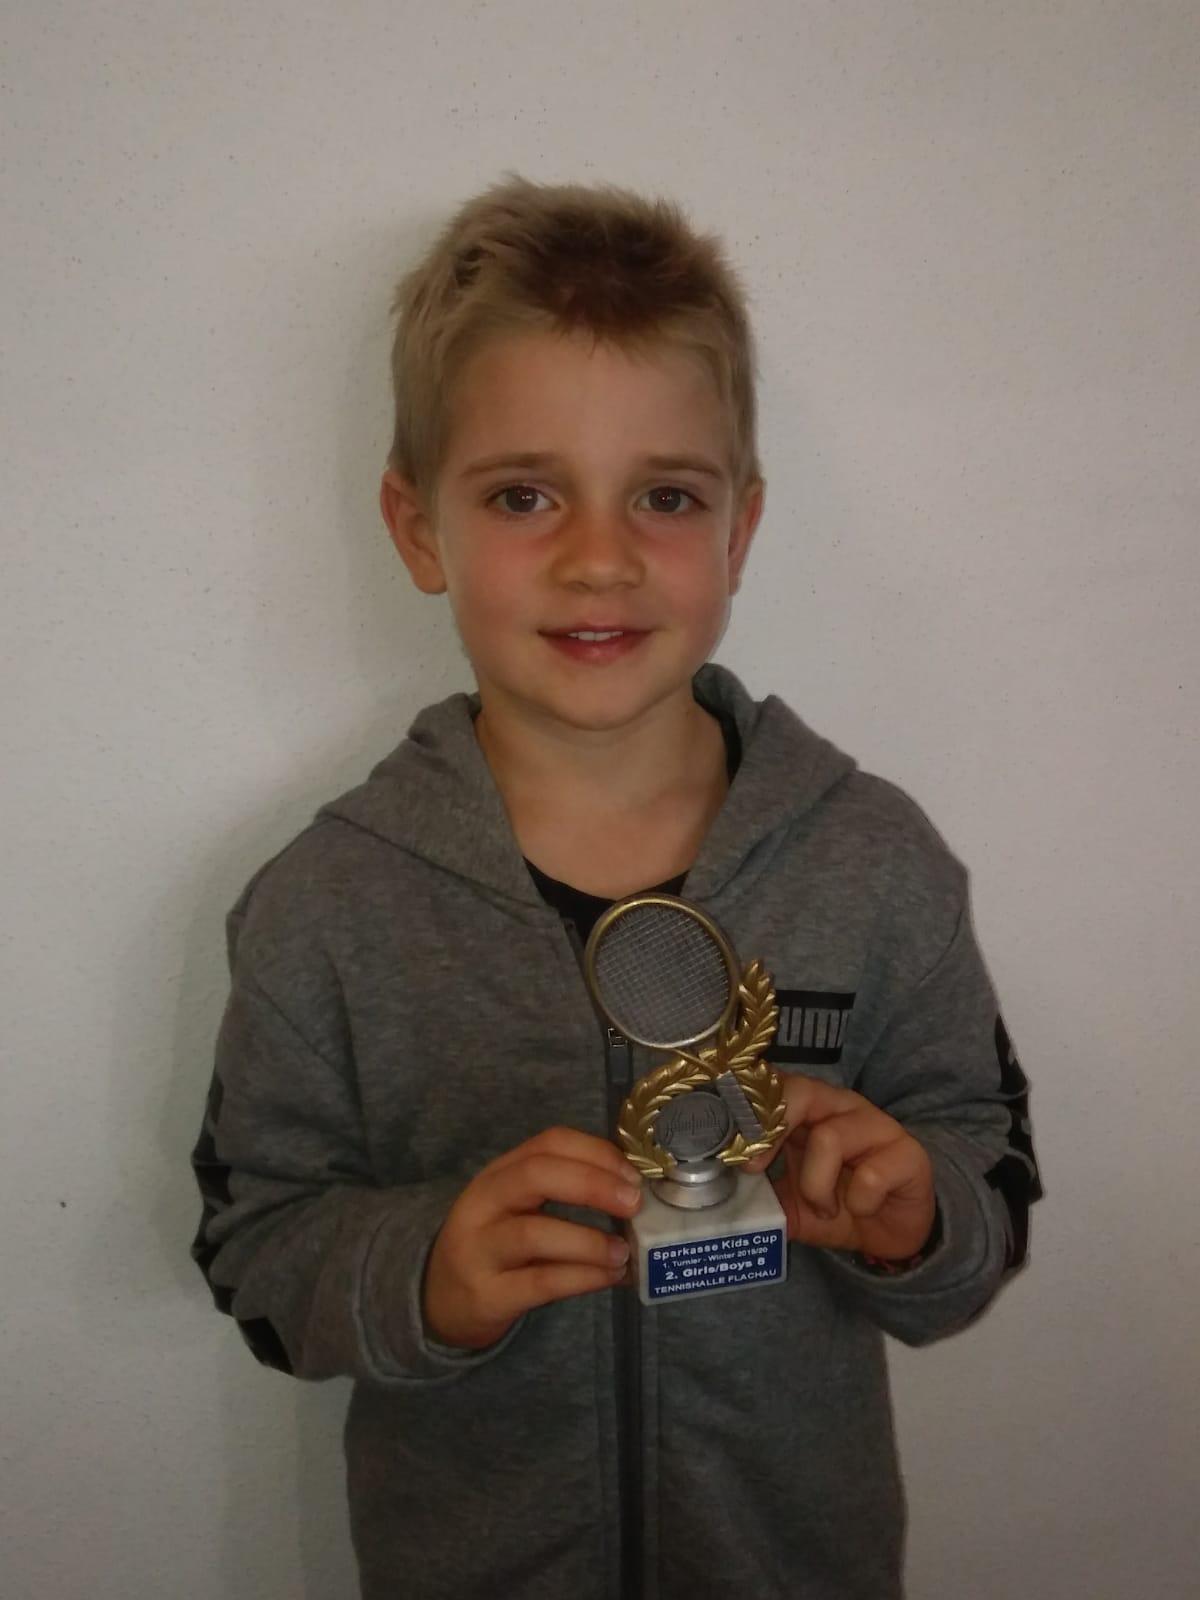 1.Sparkassen Kids Cup für Felix!!!!